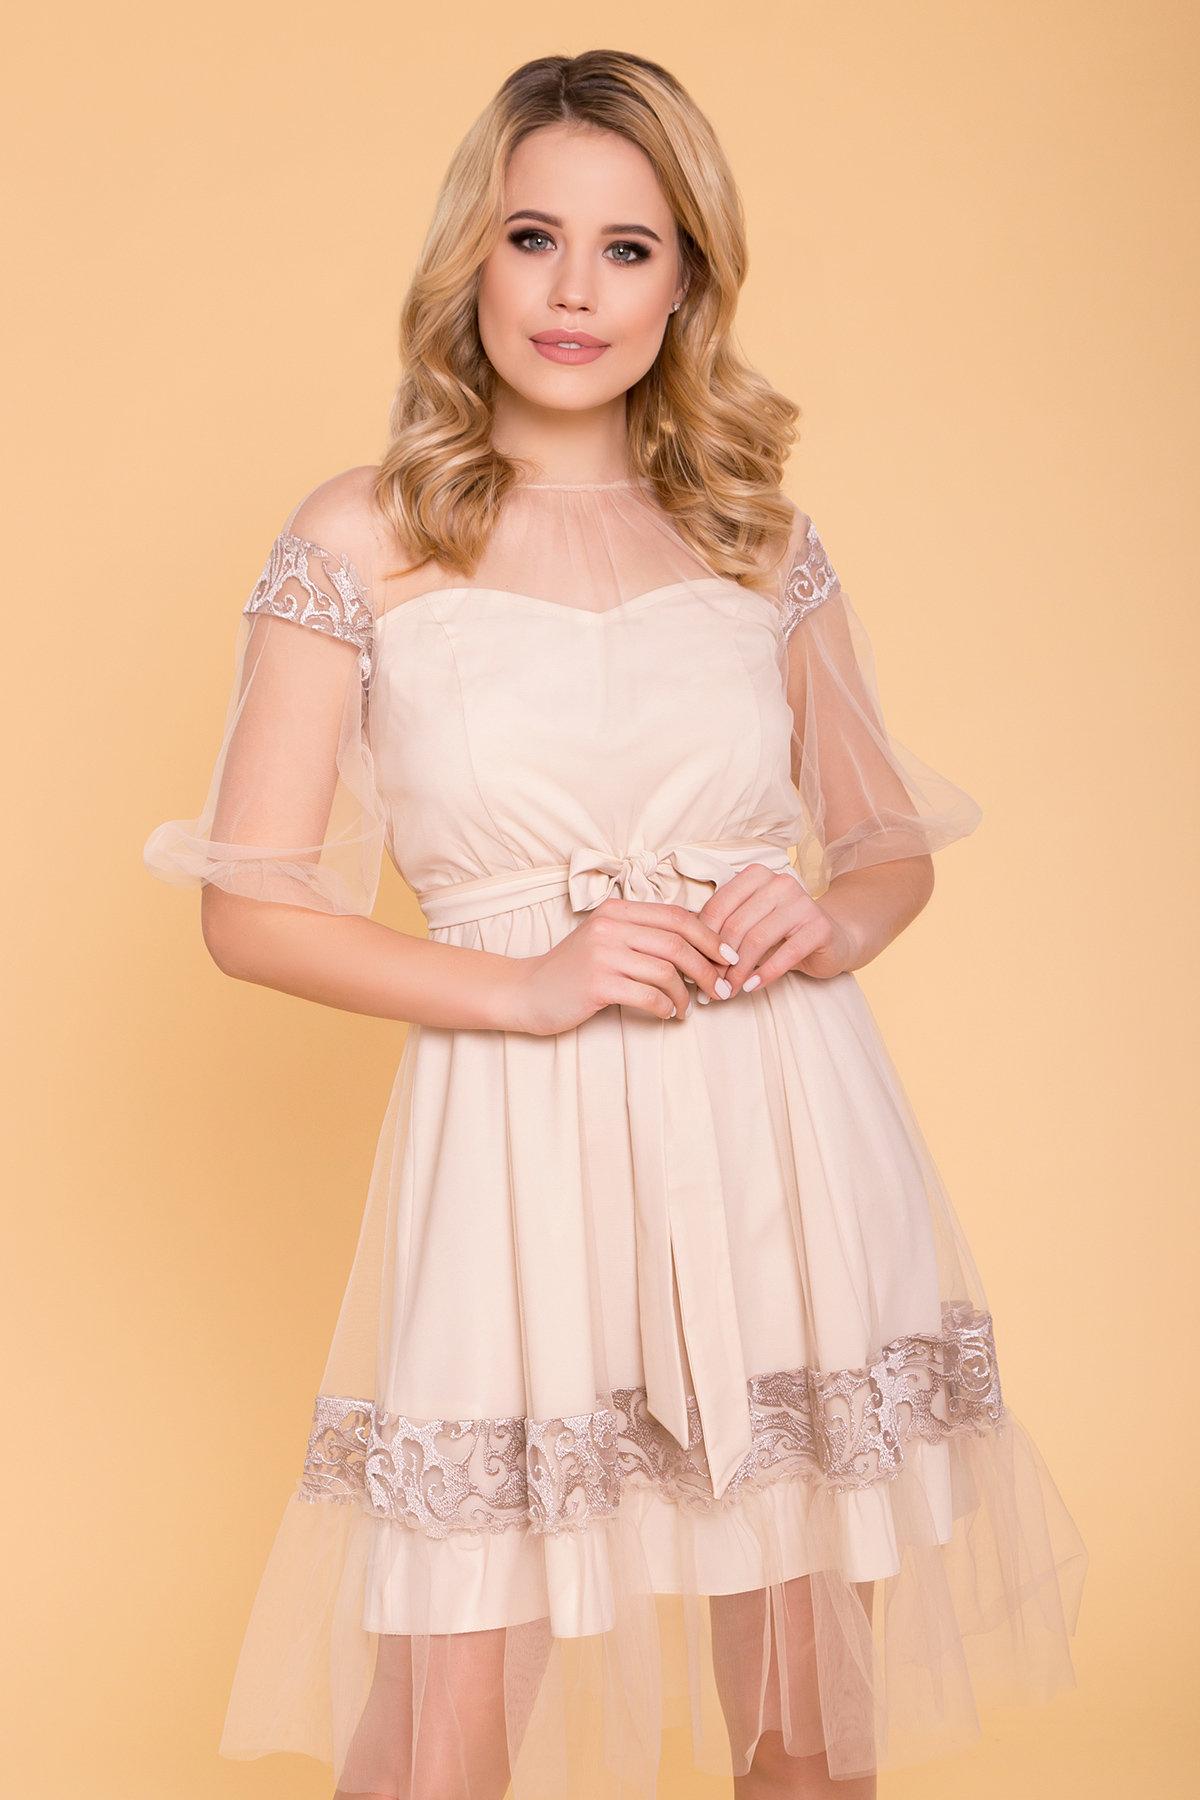 Нарядное Платье Фая 6649 АРТ. 41935 Цвет: Бежевый - фото 3, интернет магазин tm-modus.ru